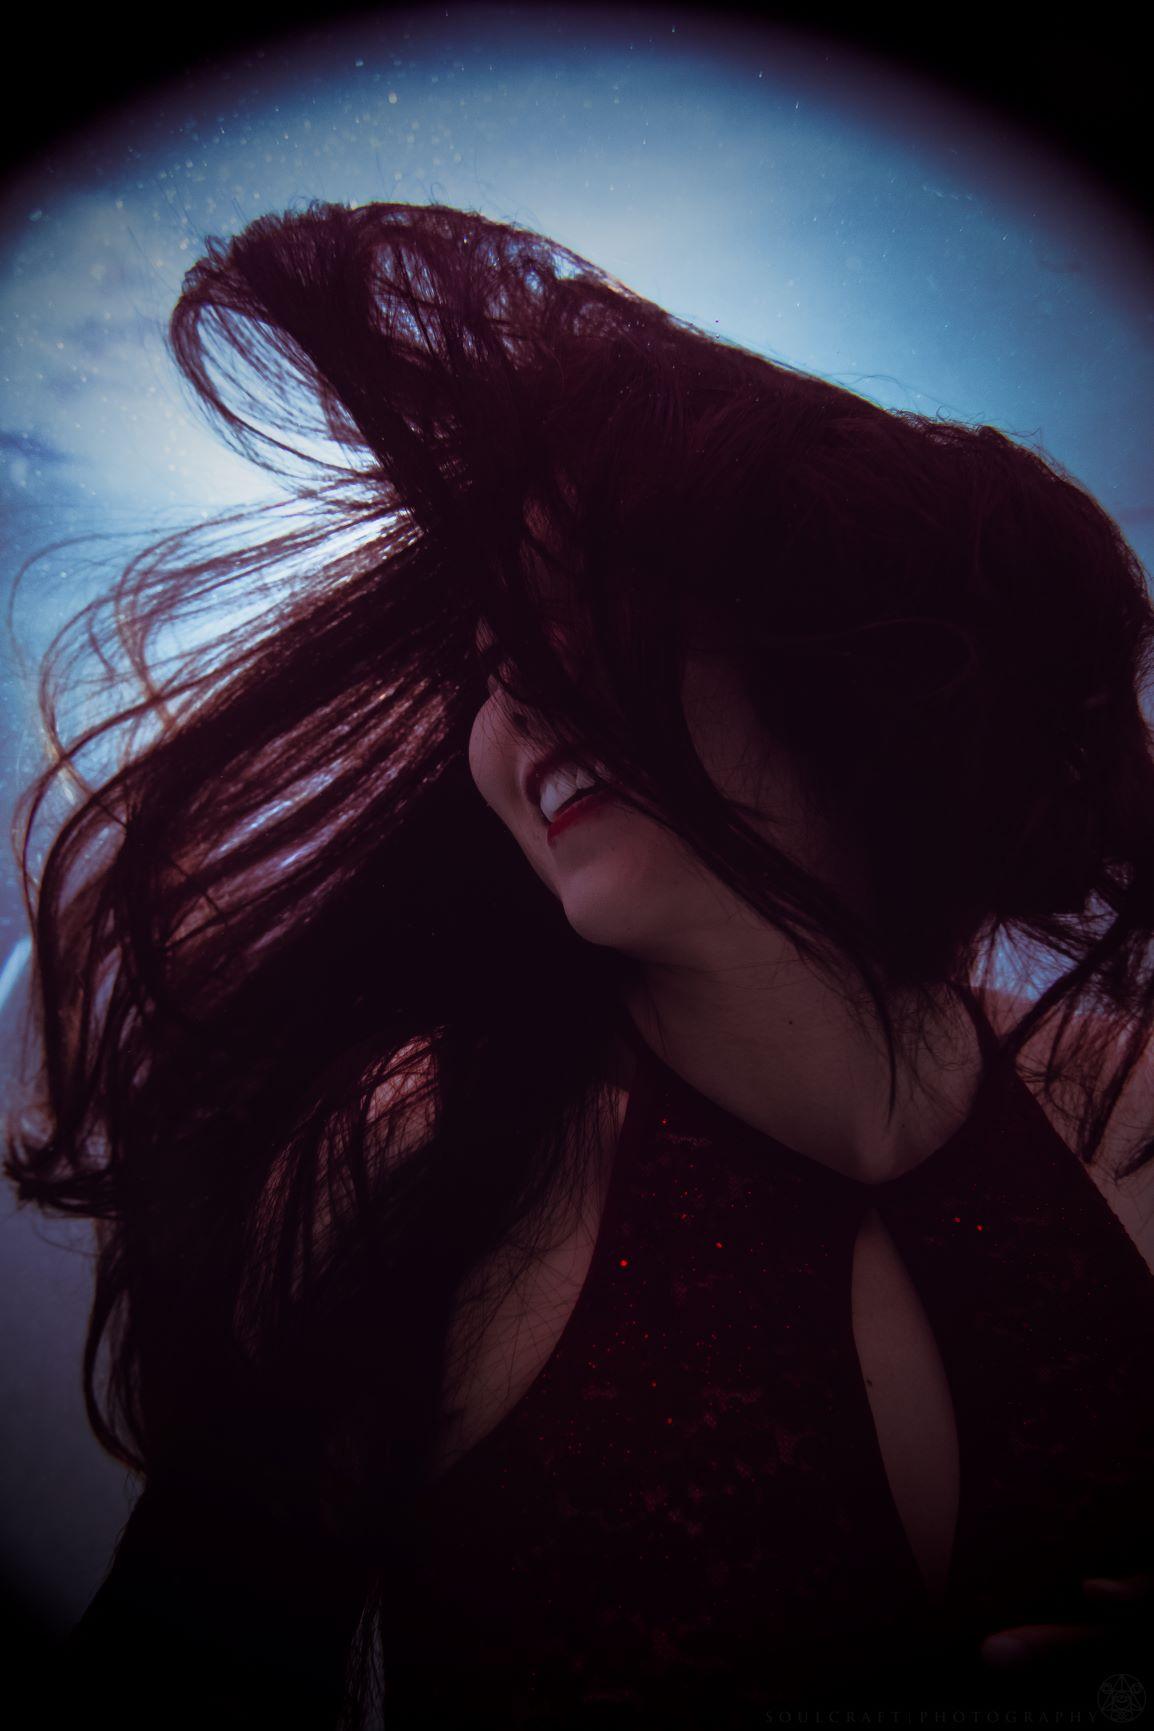 Shot by Ben Franke